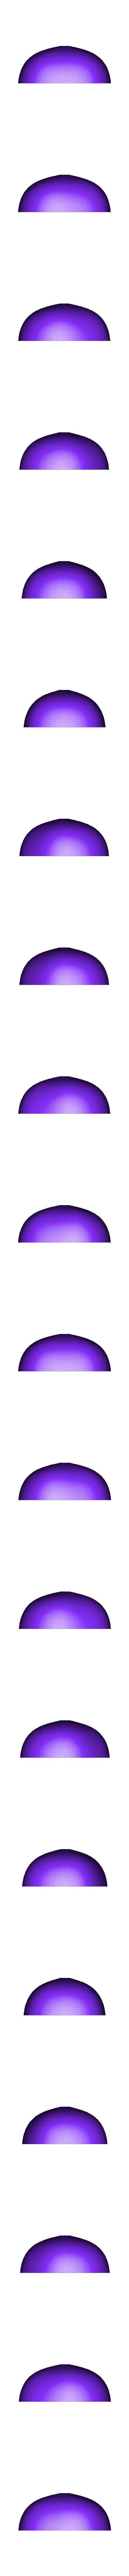 thimble3_part_2.stl Télécharger fichier STL gratuit Kara Kesh (arme de poing goa'uld) • Plan pour imprimante 3D, poblocki1982